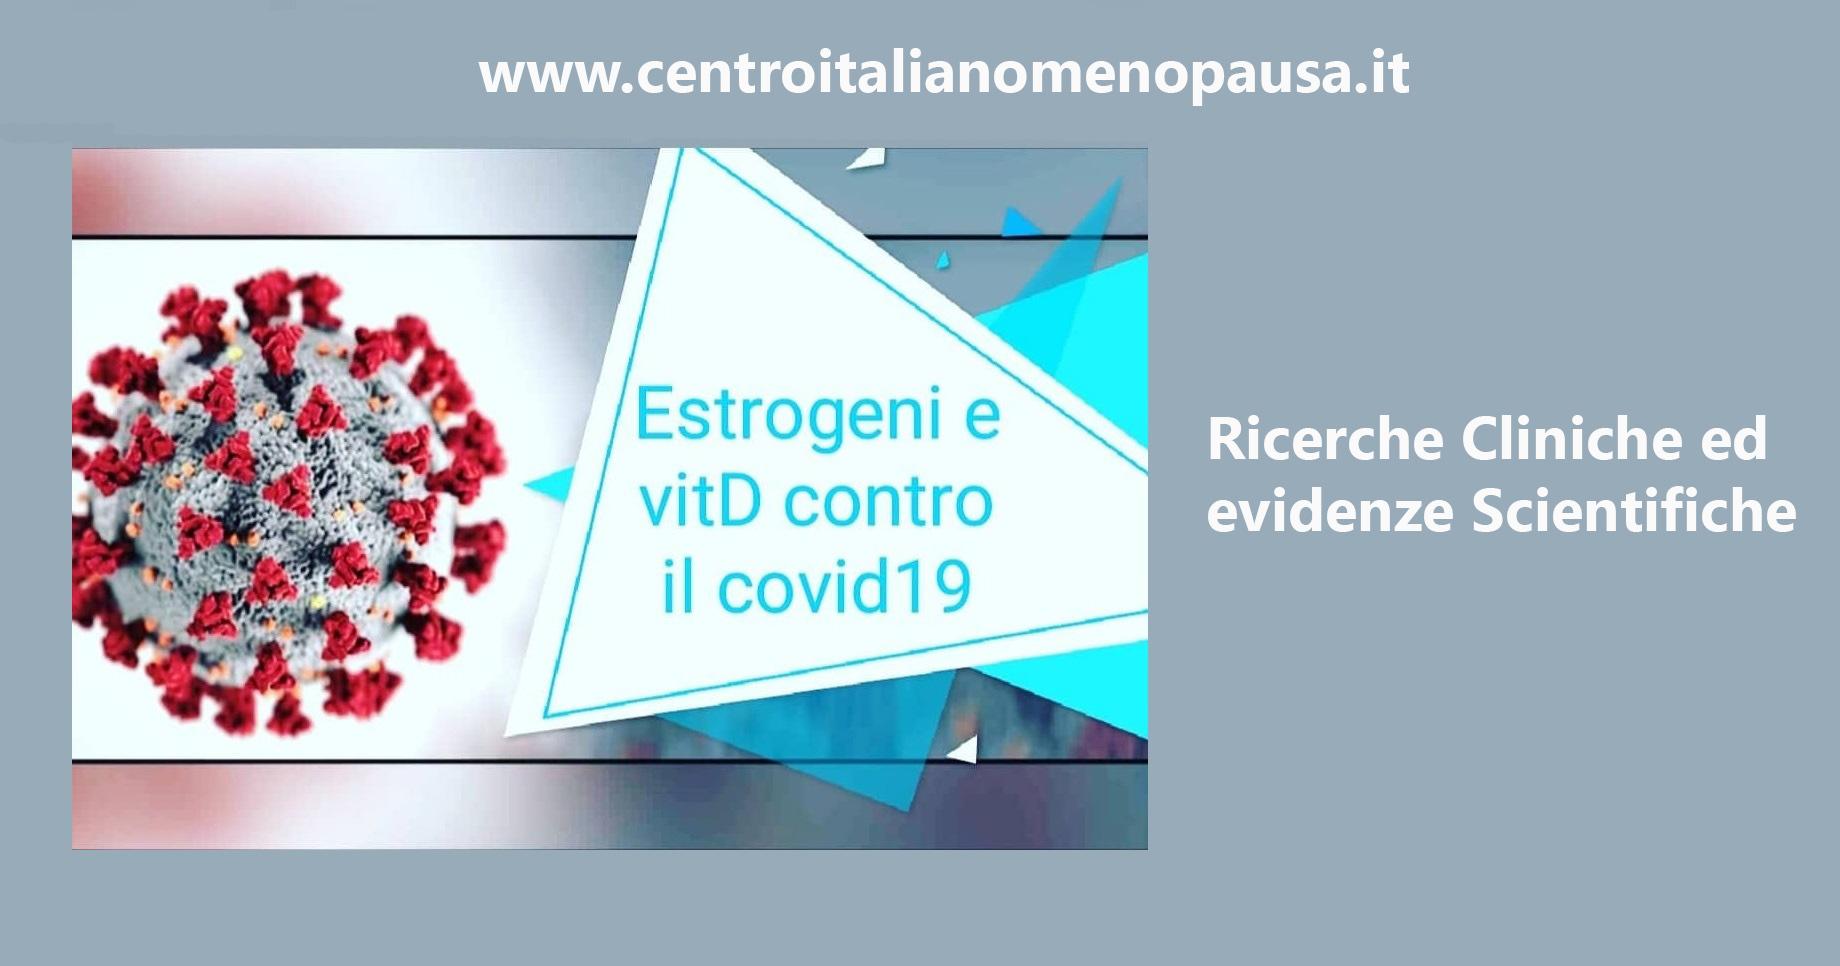 Estrogeni e vitamina D contro il covid19